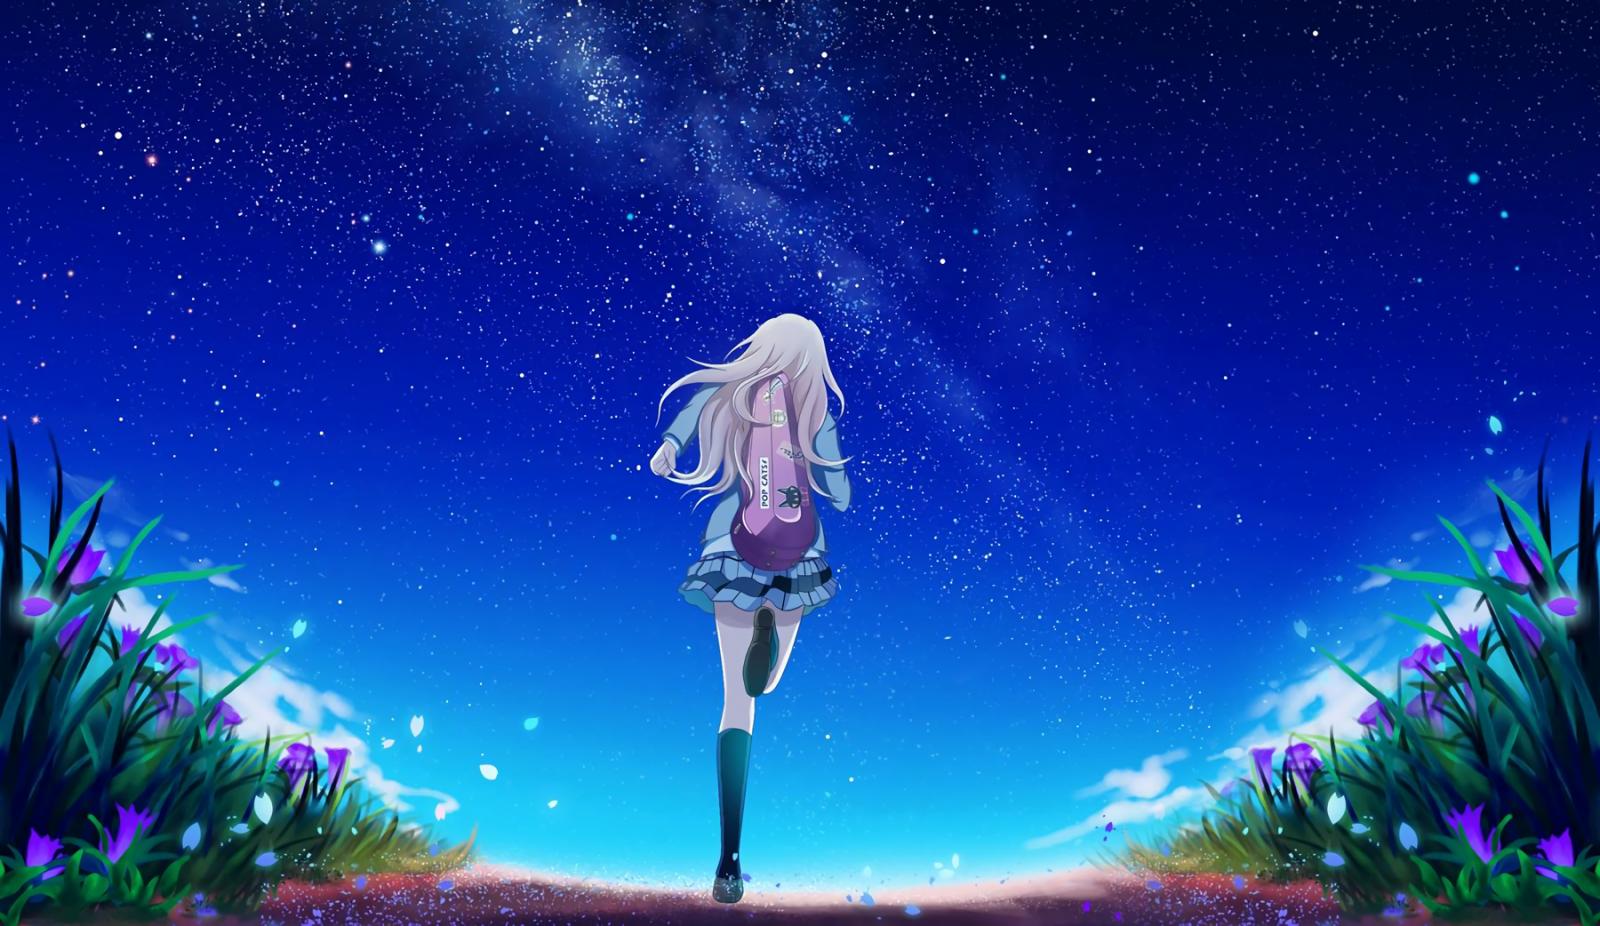 Wallpaper Night Shigatsu Wa Kimi No Uso Aurora